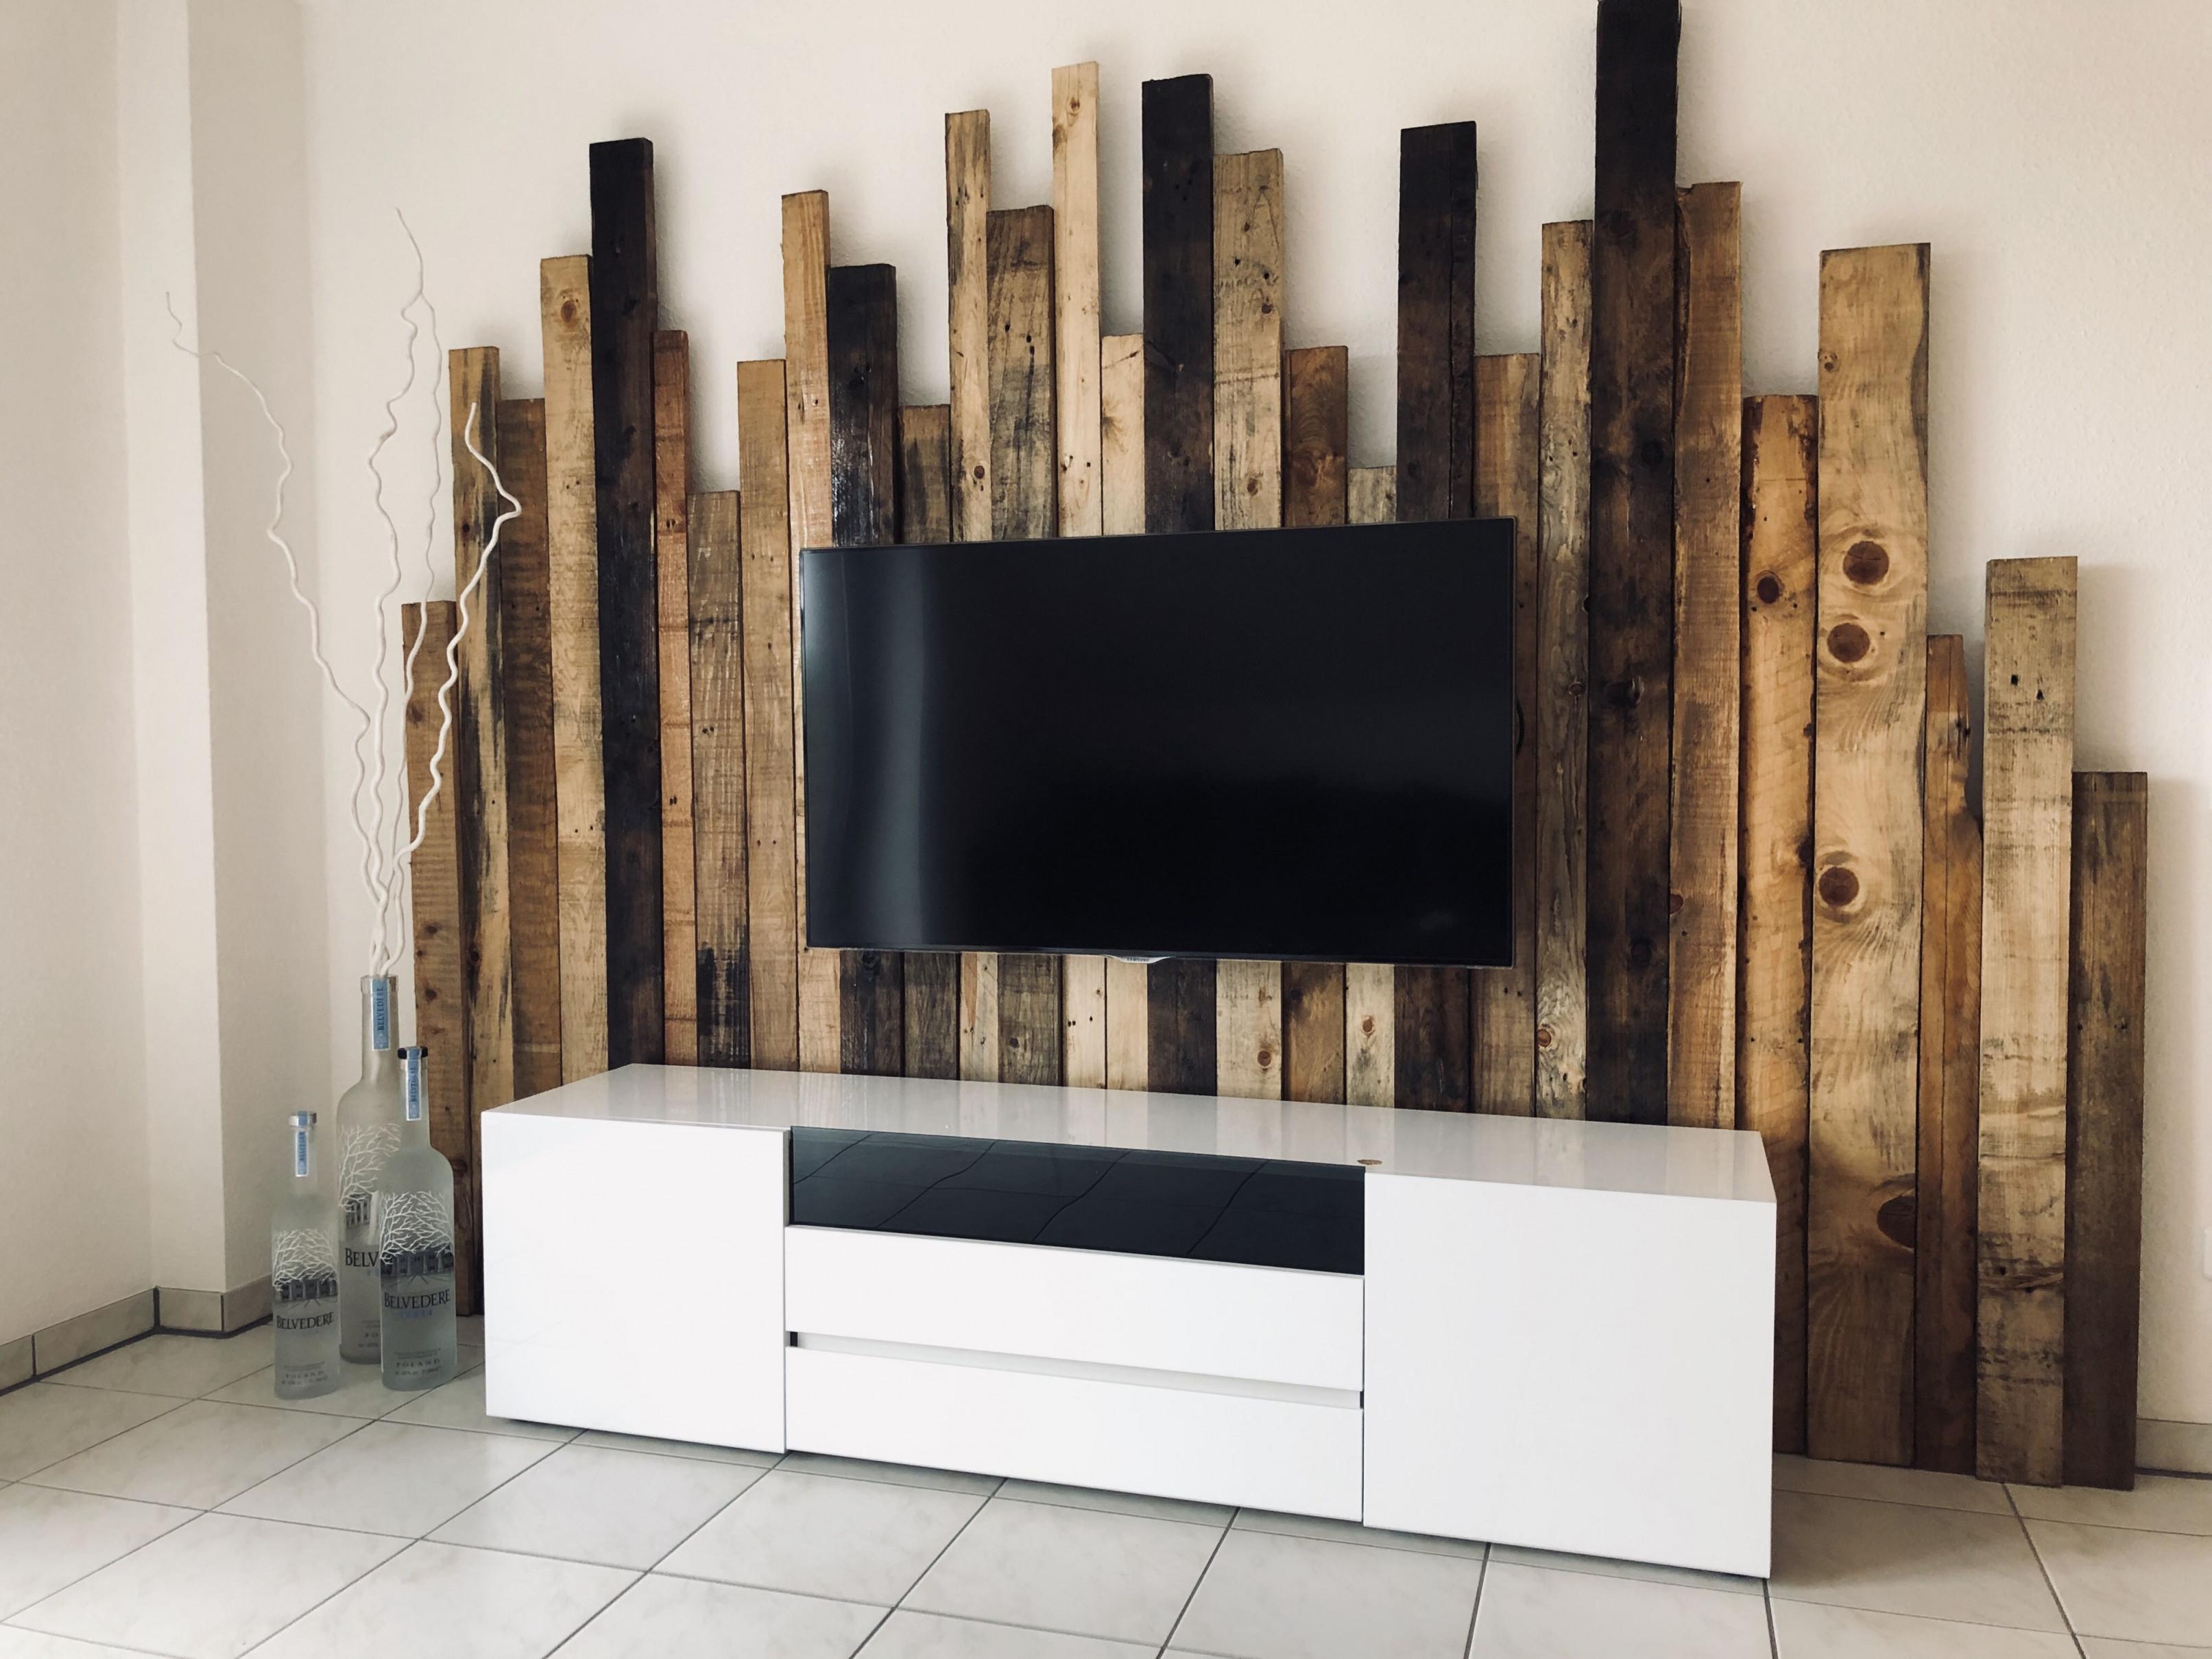 Wohnzimmer  Holzwand Wohnzimmer Wohnung Dekoration von Wohnzimmer Mit Holz Gestalten Bild